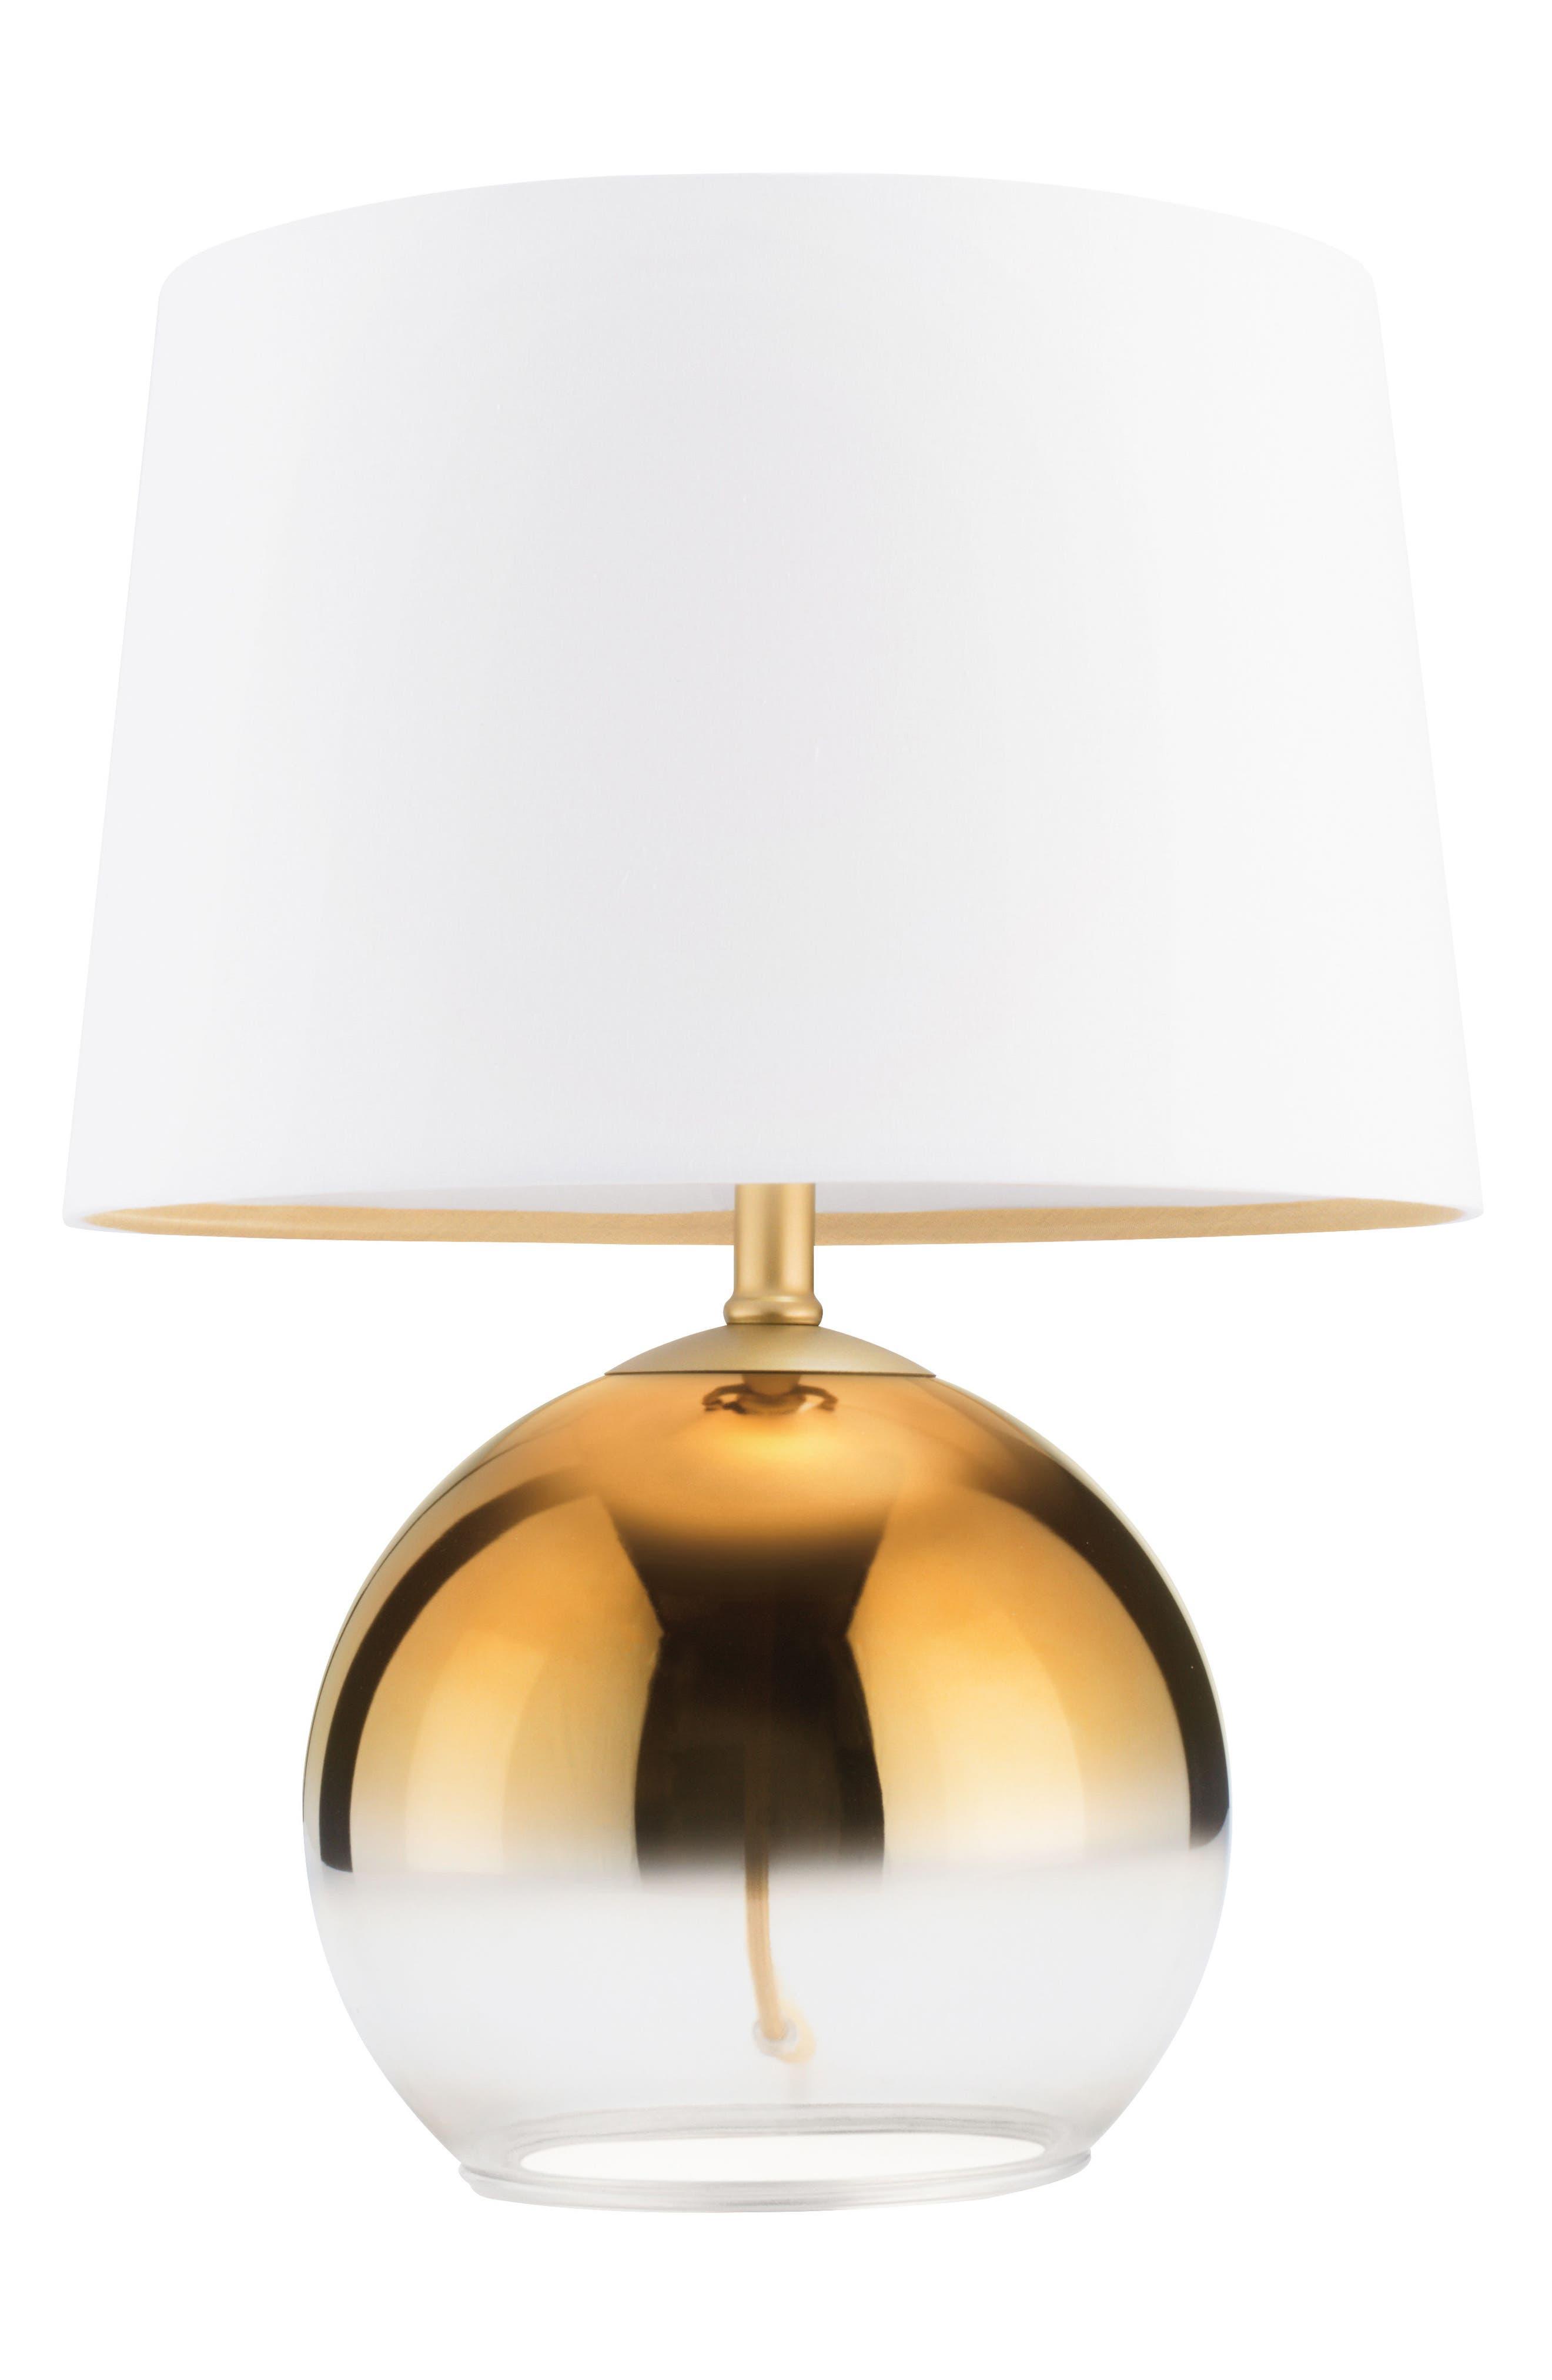 Glass Golden Ombré Table Lamp,                             Main thumbnail 1, color,                             710